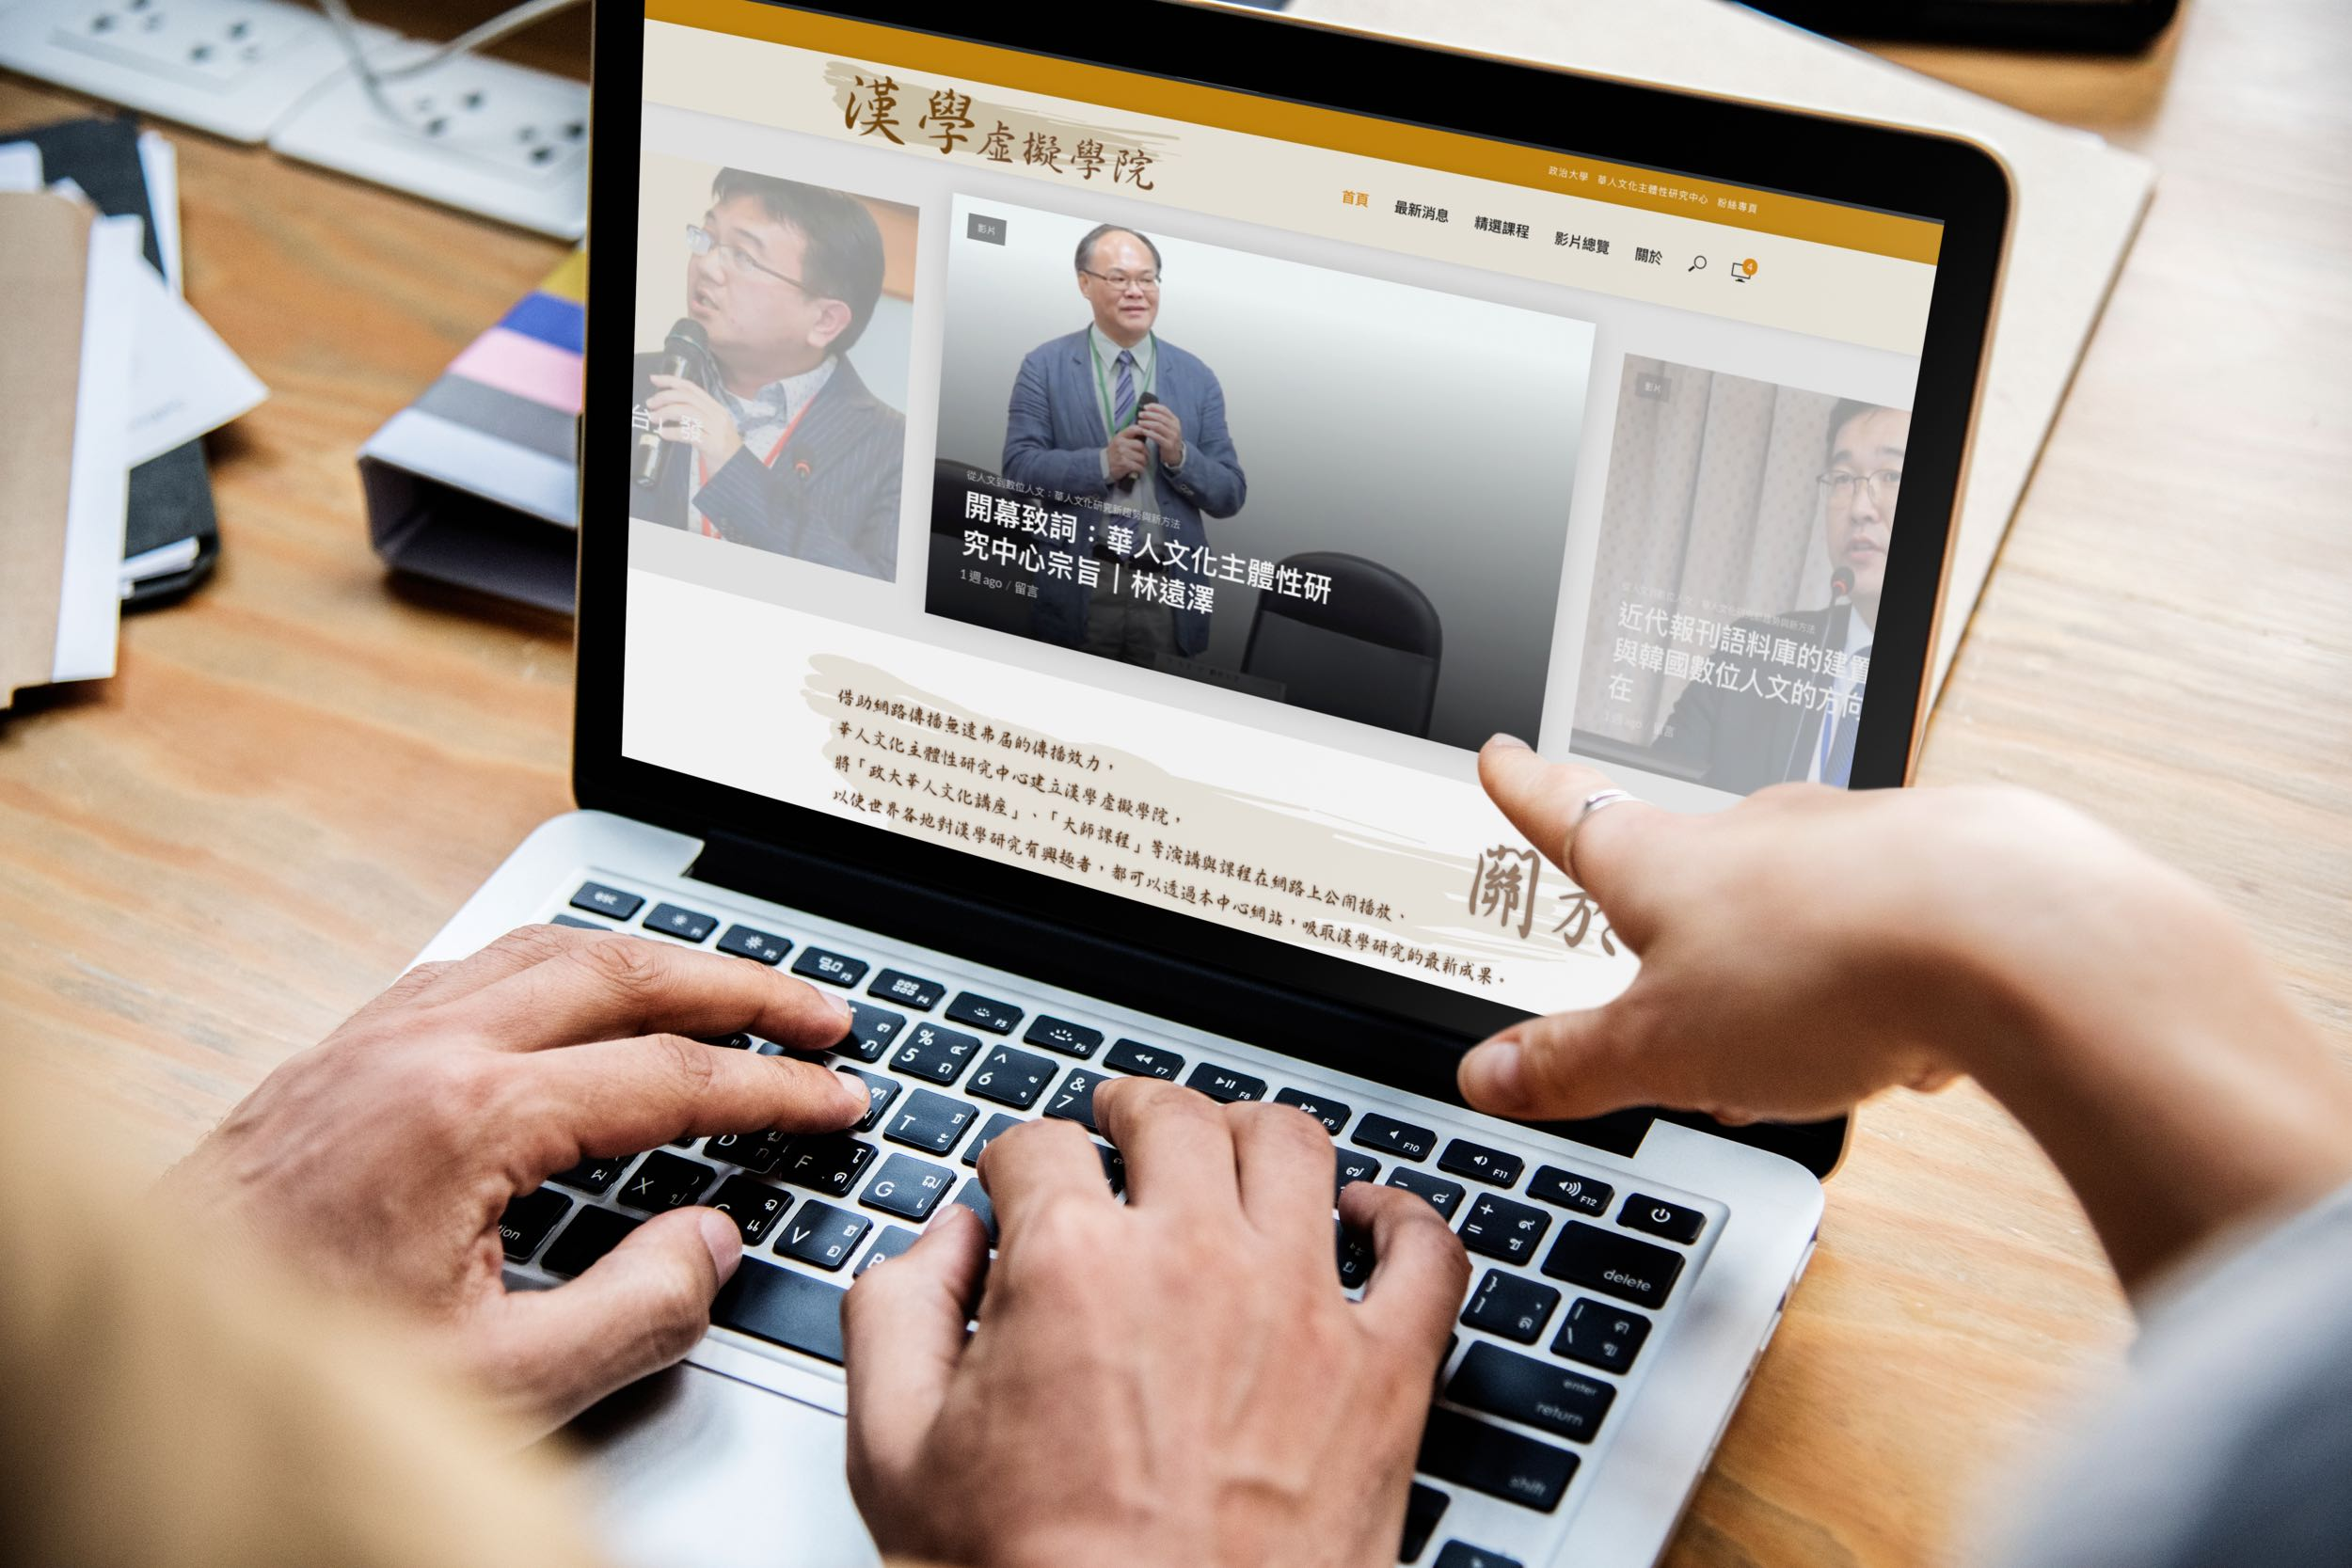 漢學虛擬學院 開放式課程網